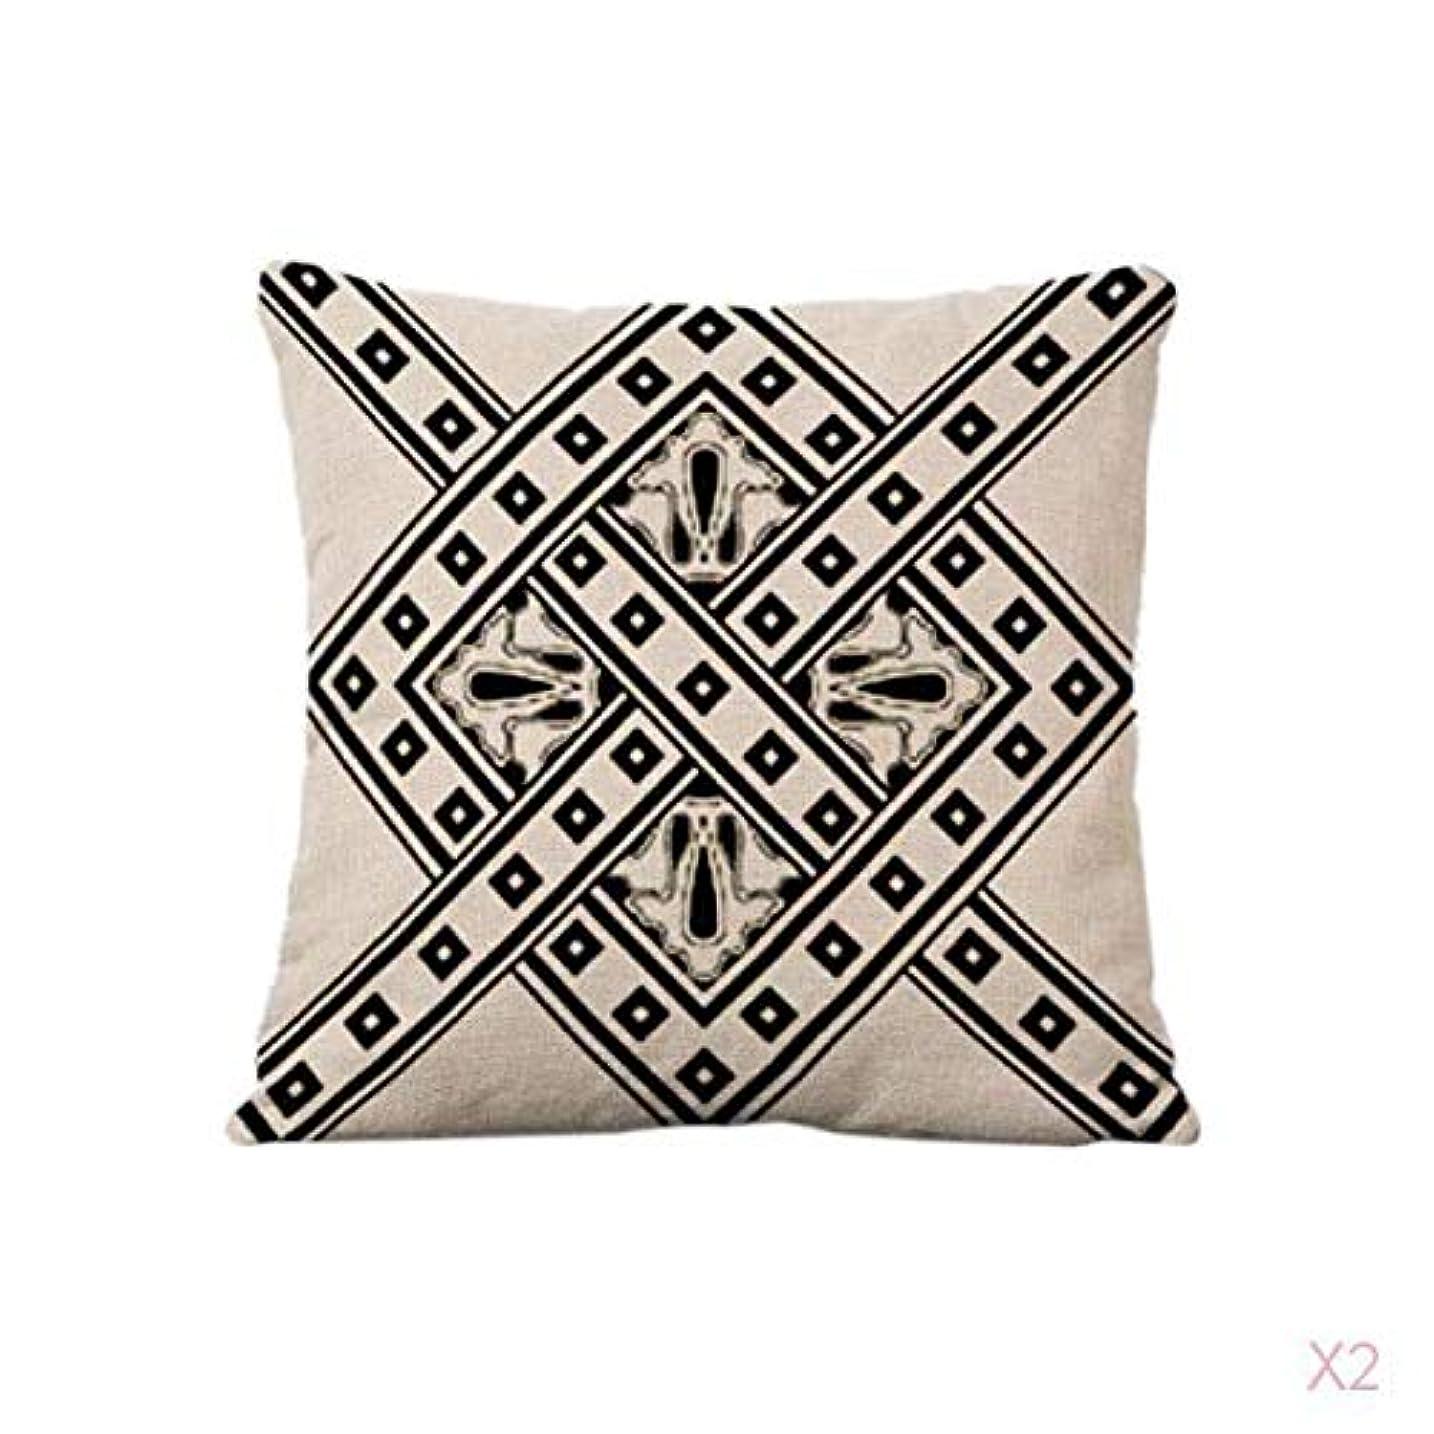 雑草ゴネリル薬理学クッションカバー5色シンプルな幾何学模様のリネンソファー腰枕カバー